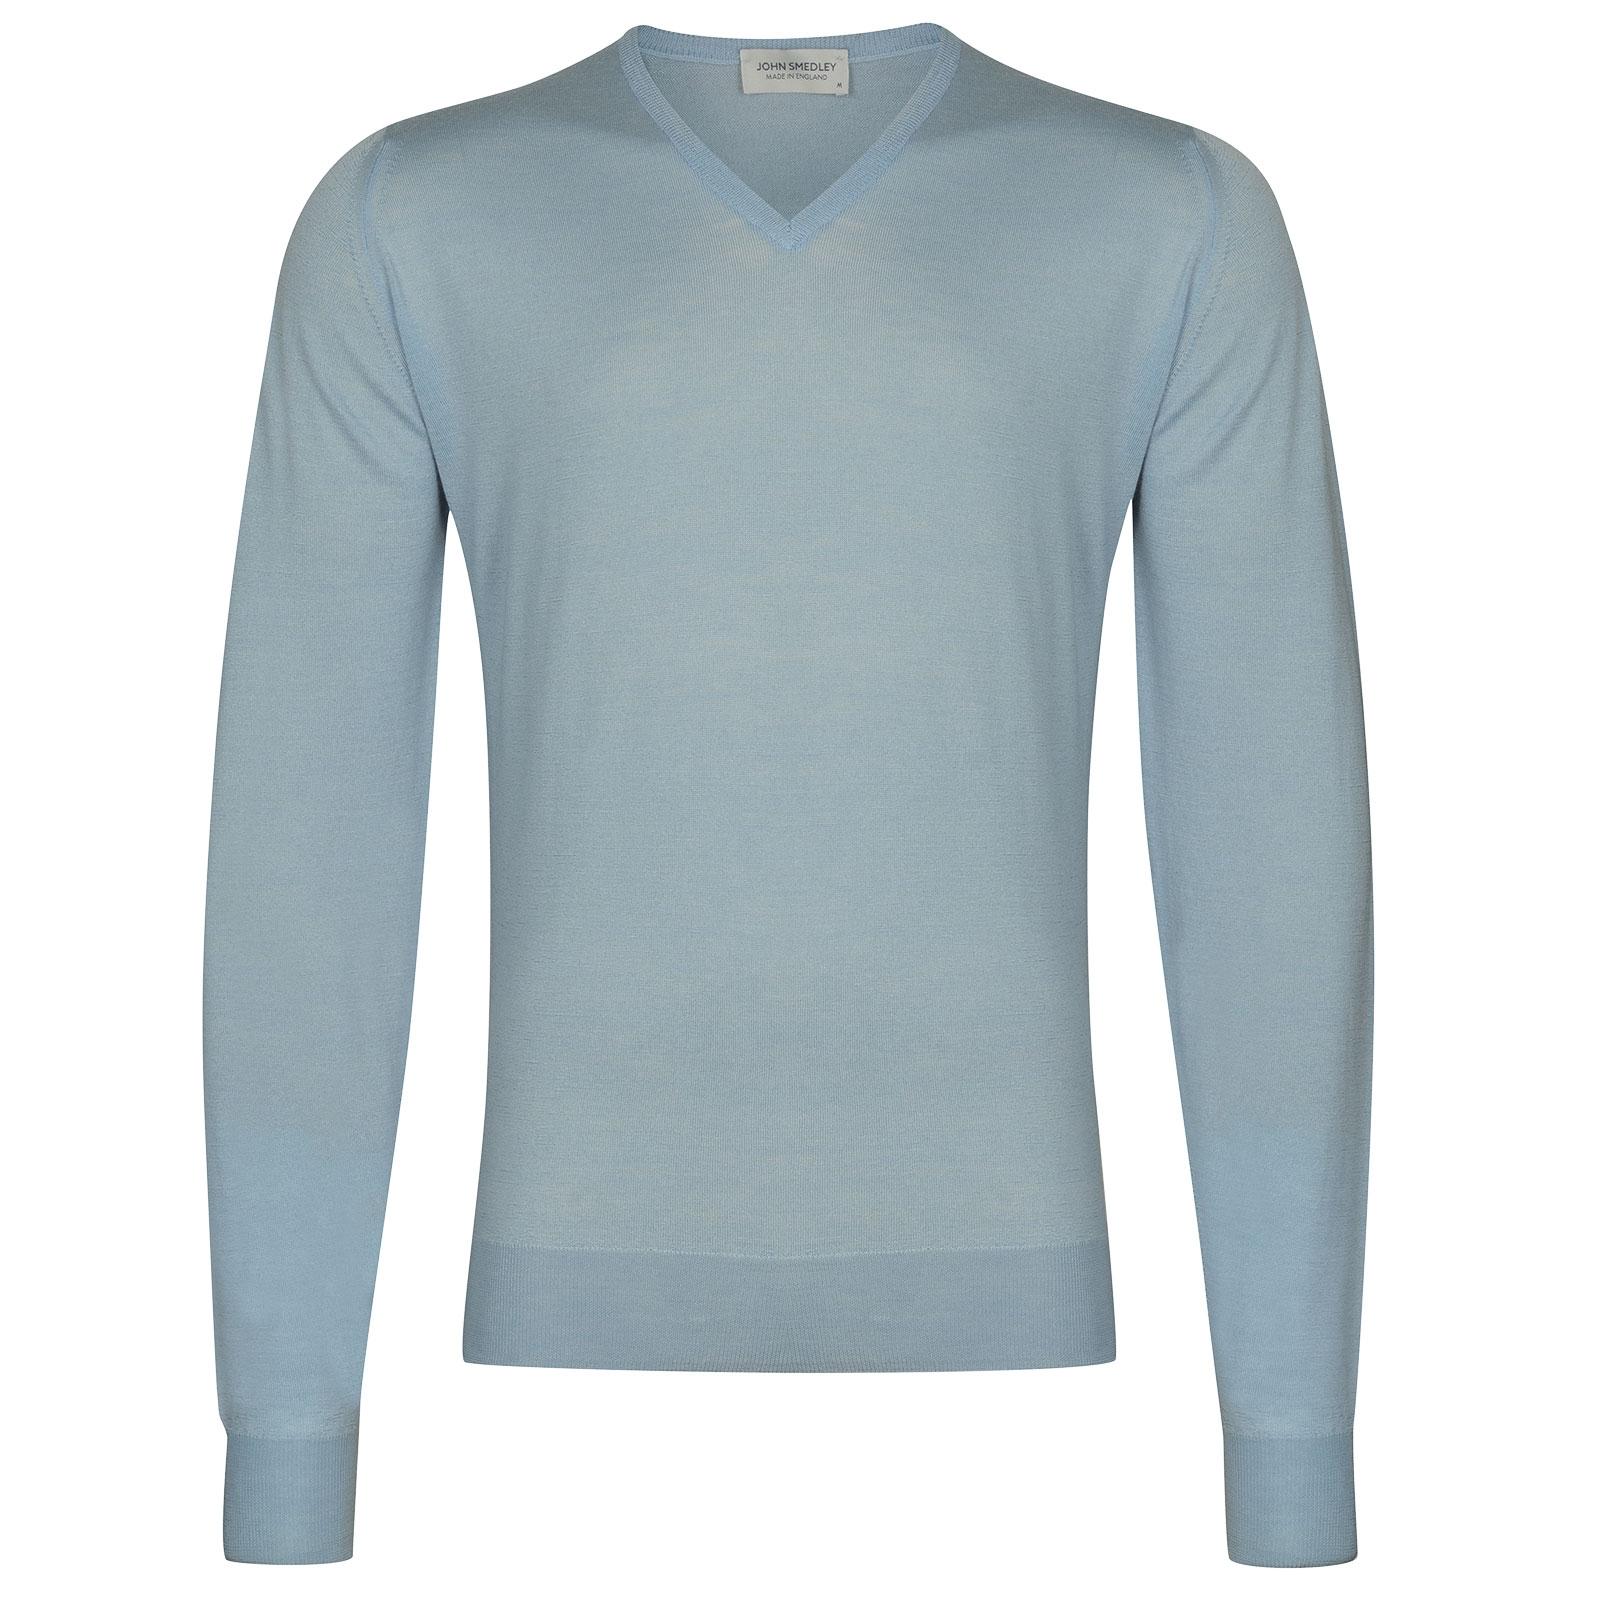 John Smedley Blenheim in Dusk Blue Pullover-XLG